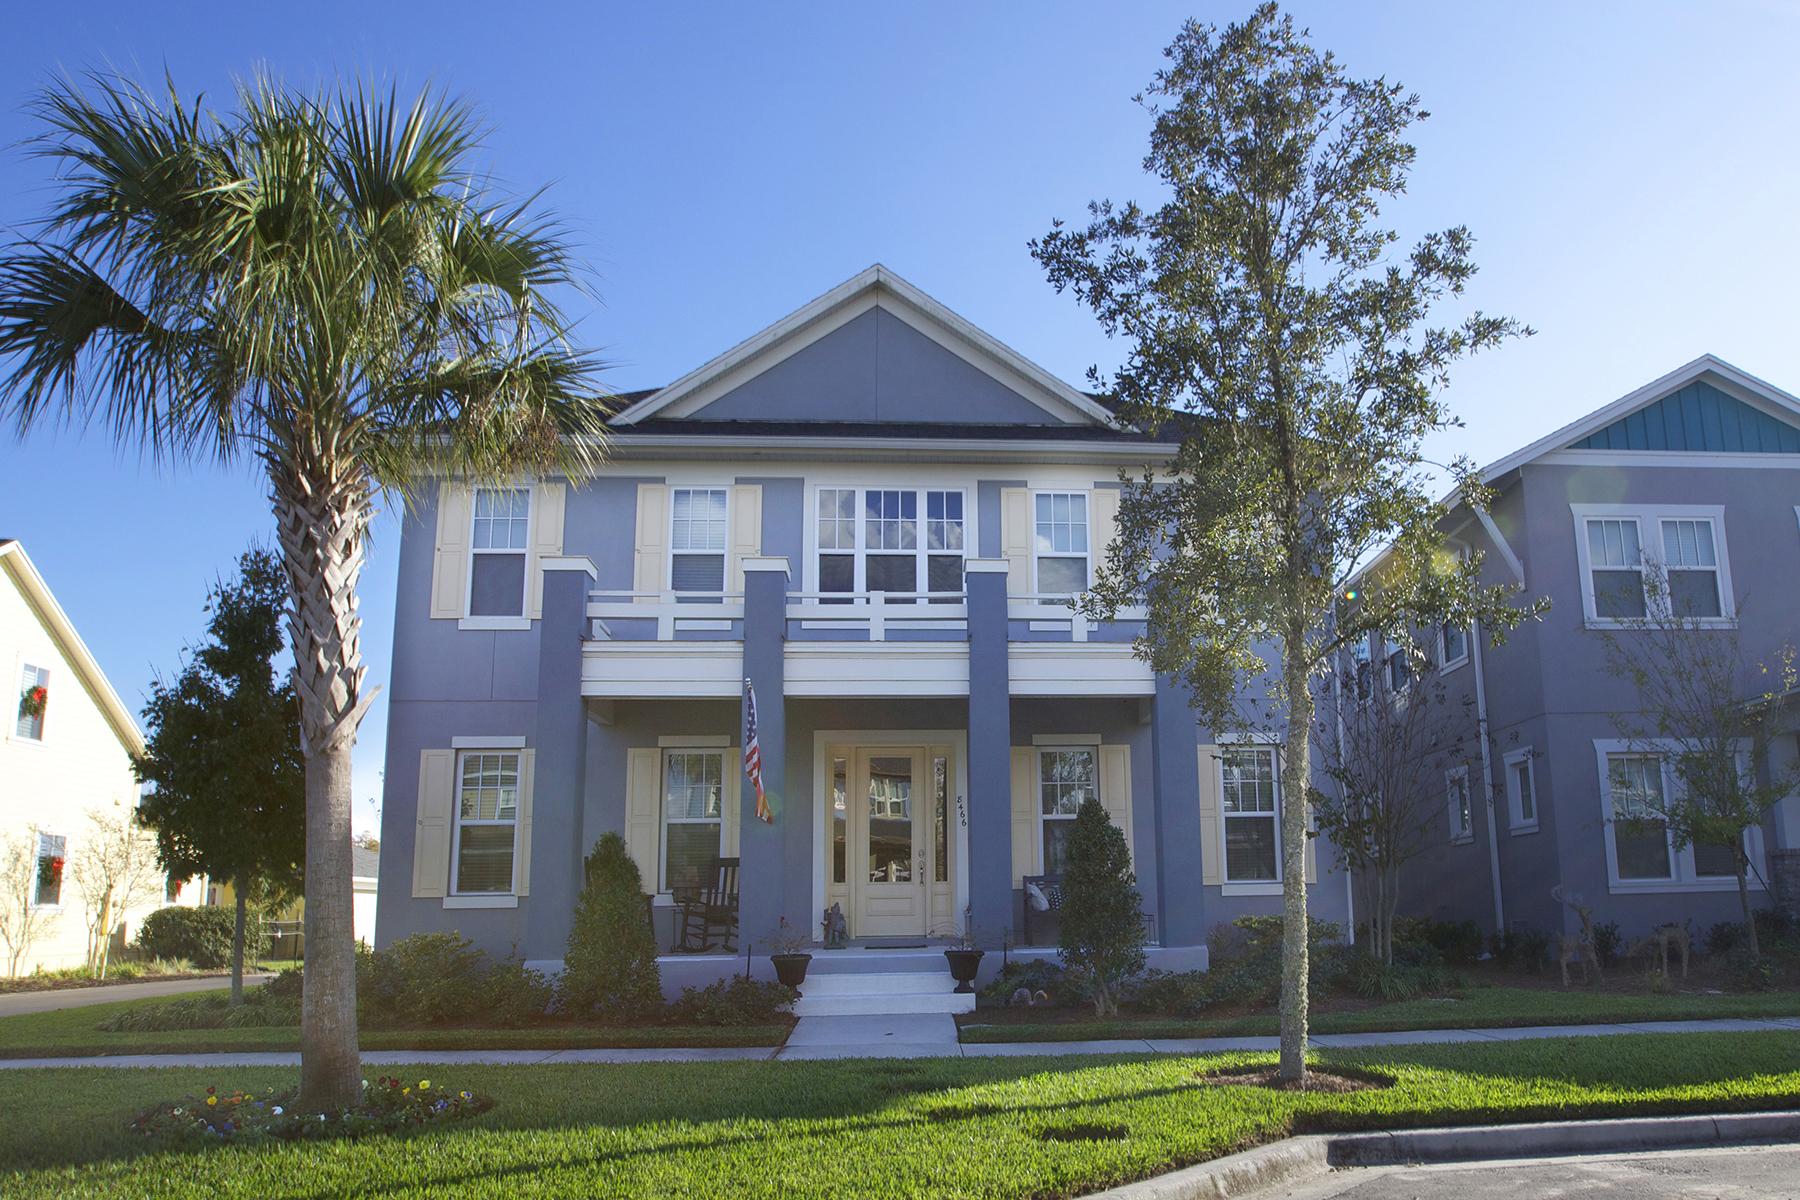 独户住宅 为 销售 在 LAUREATE PARK 8466 Laureate Blvd 奥兰多, 佛罗里达州, 32827 美国